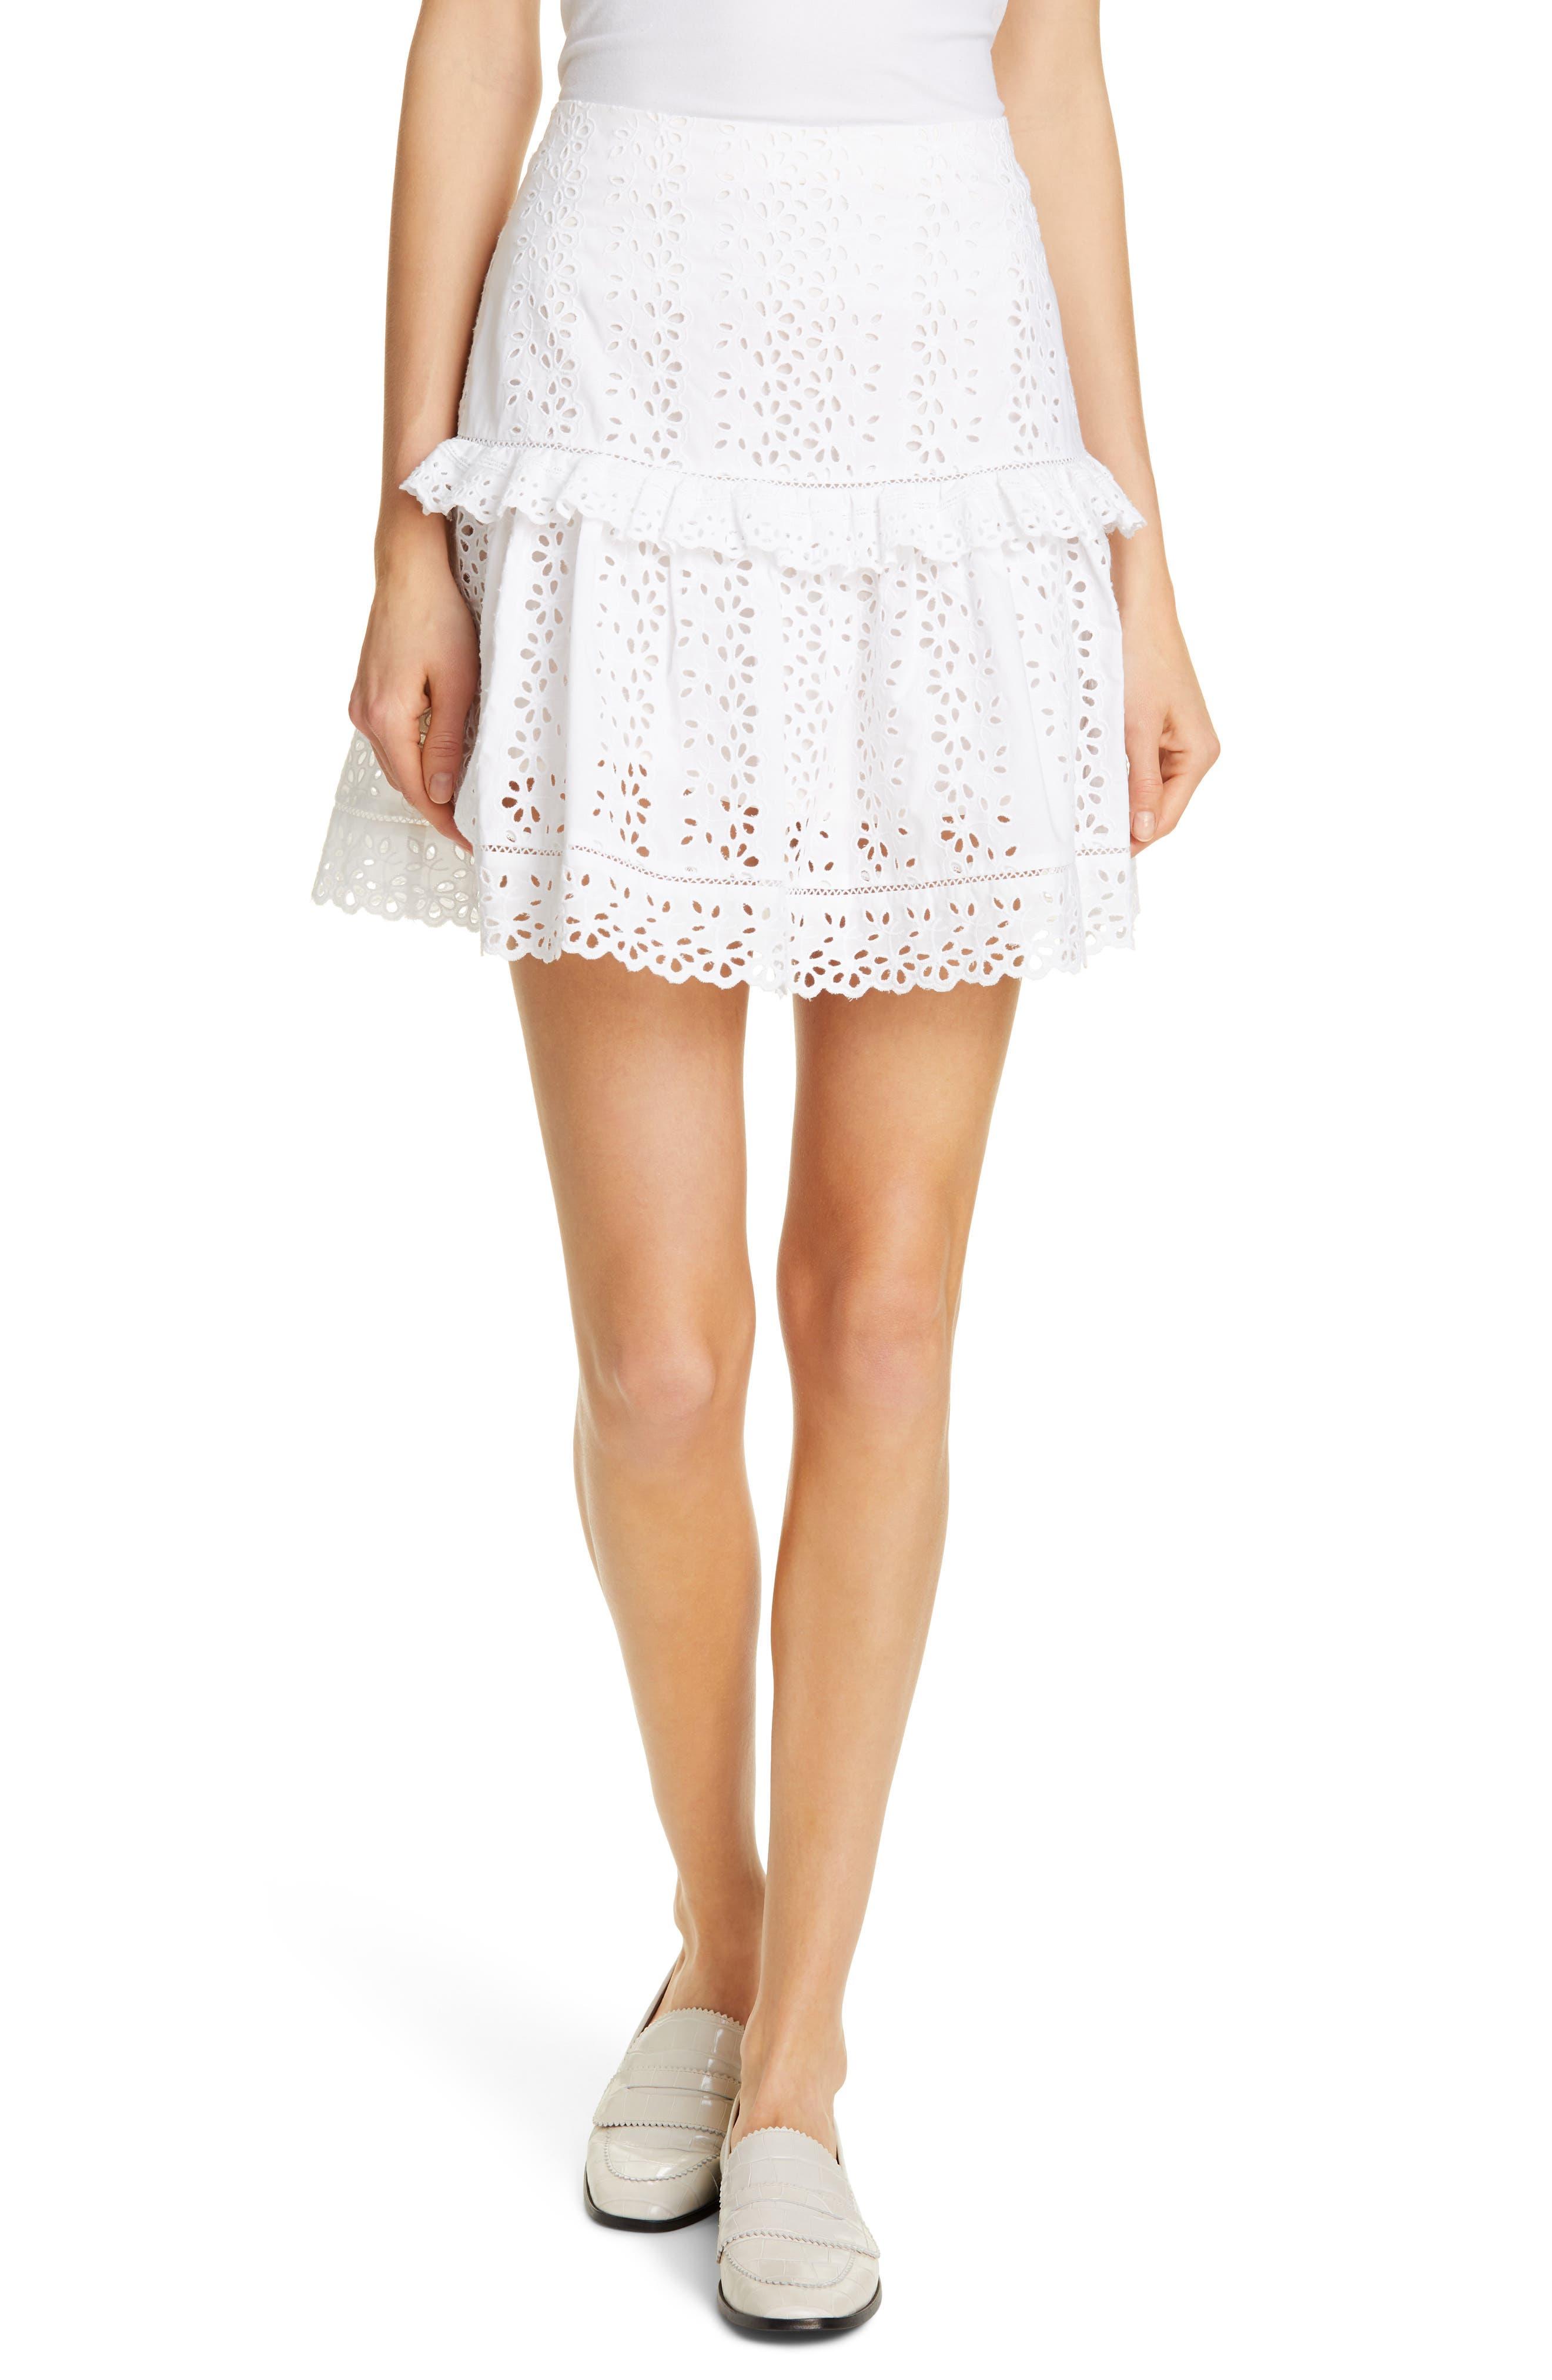 REBECCA TAYLOR, Karina Cotton Eyelet Skirt, Main thumbnail 1, color, MILK